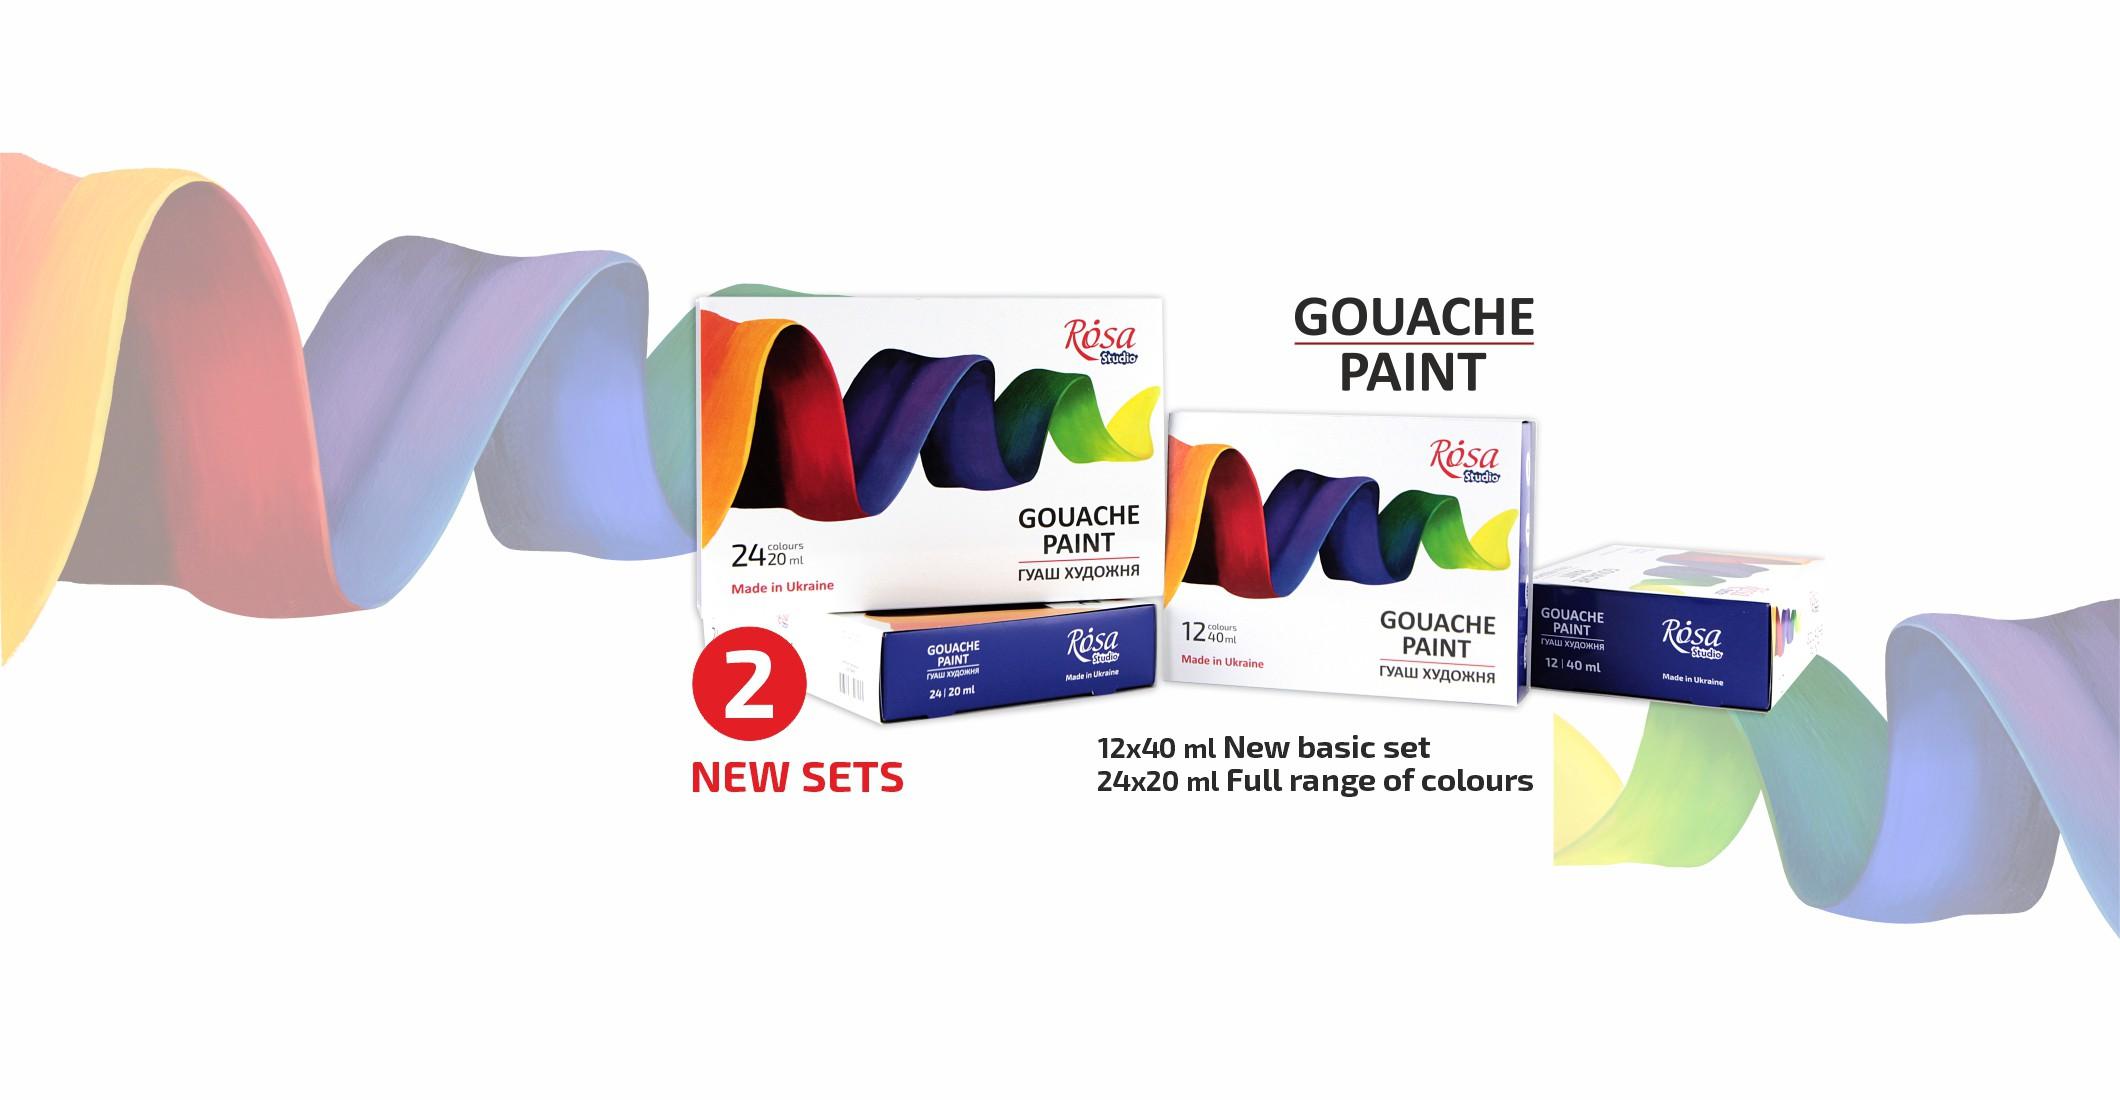 Gouache paint set ROSA Studio